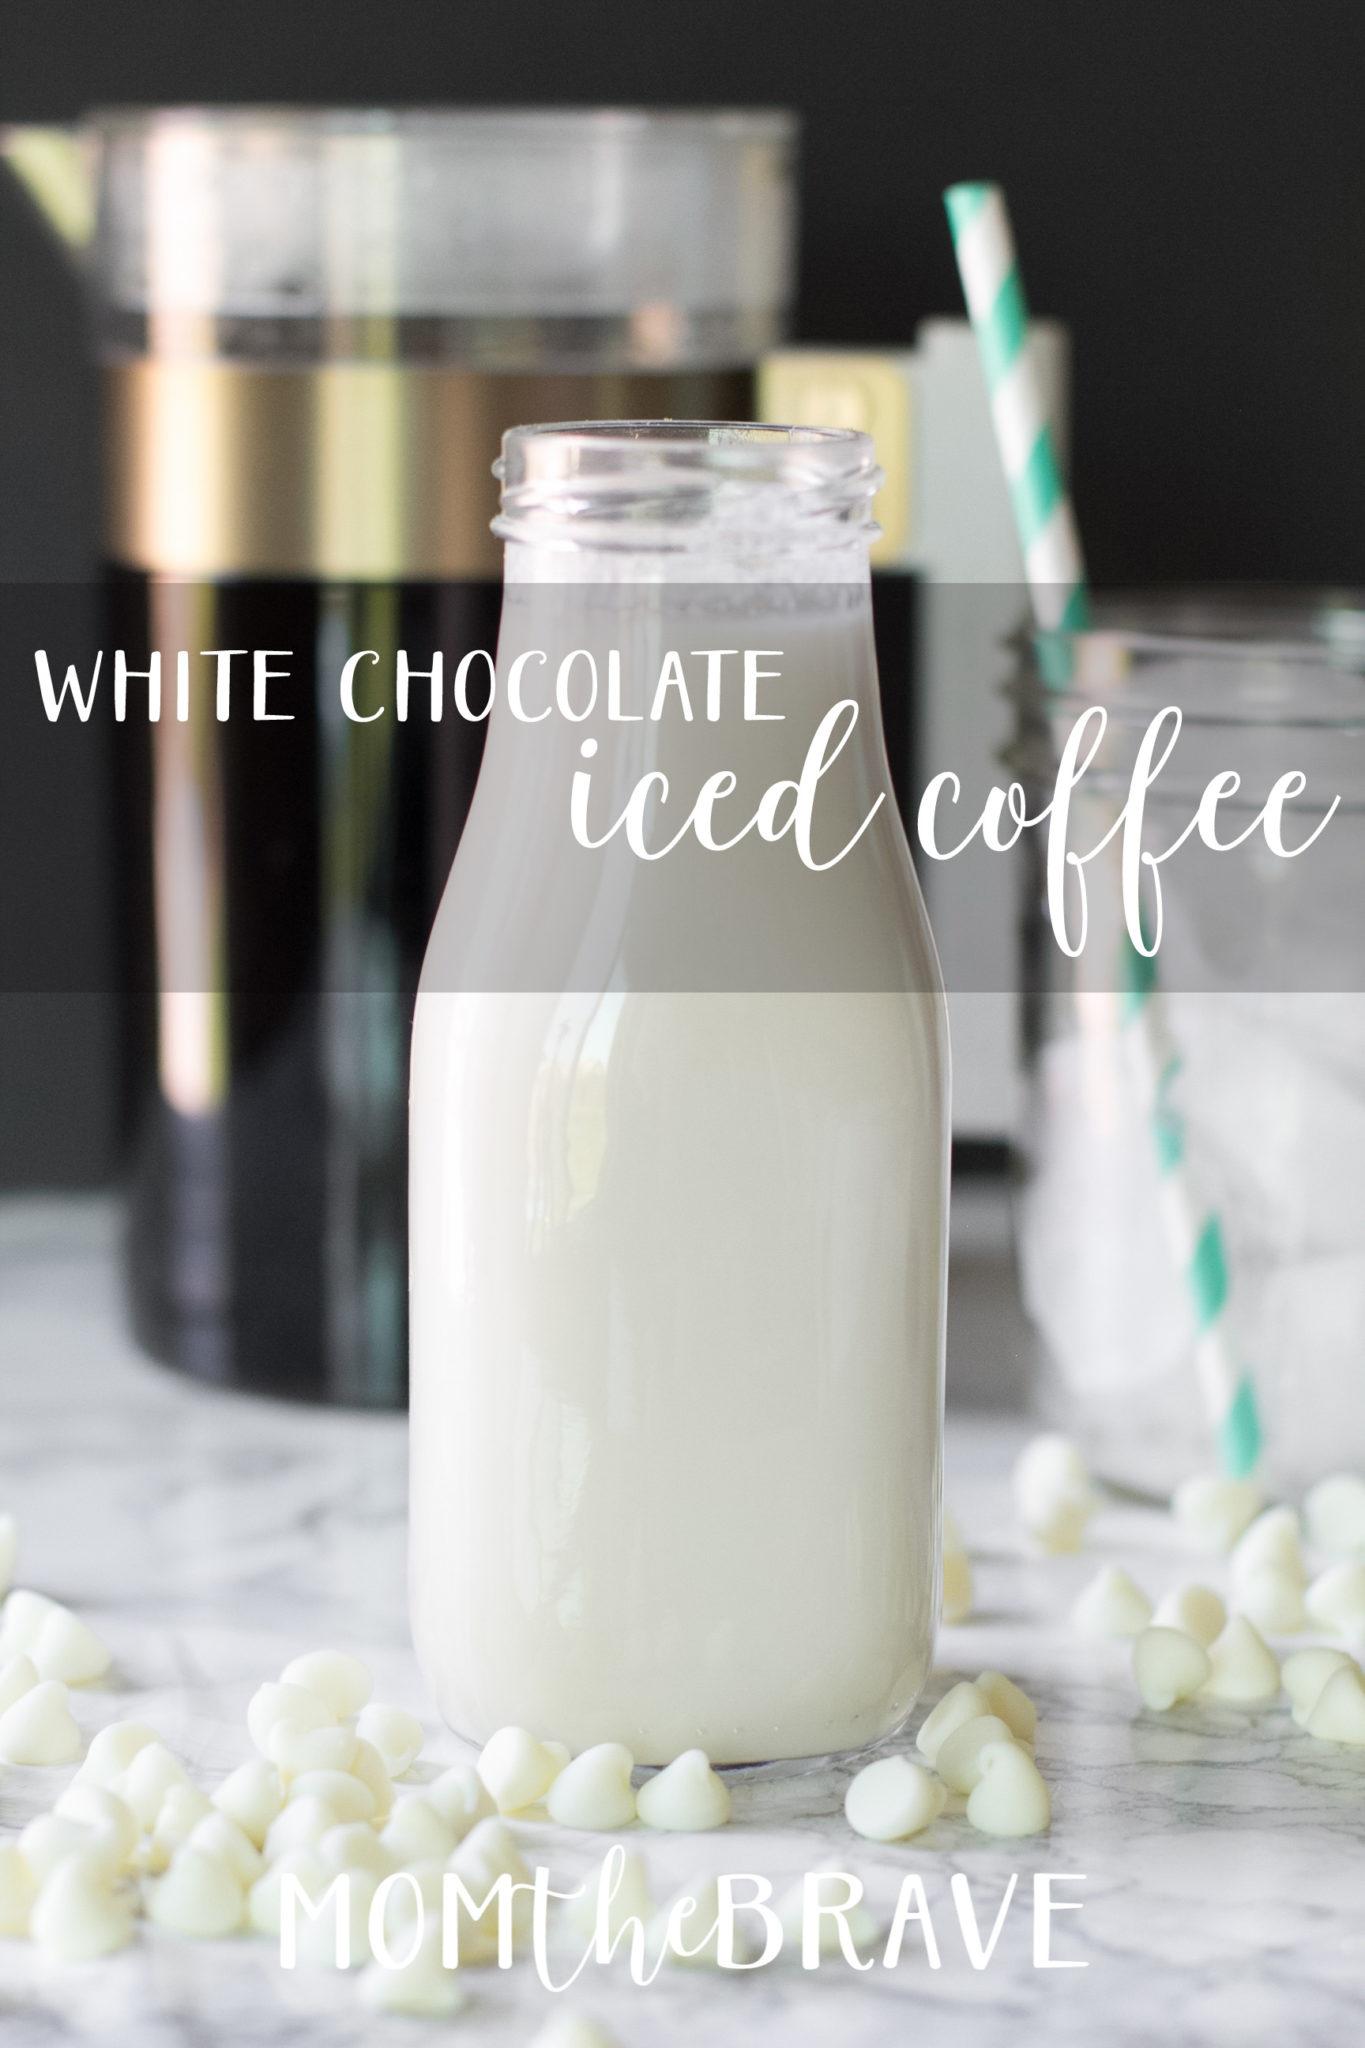 White Chocolate Iced Coffee